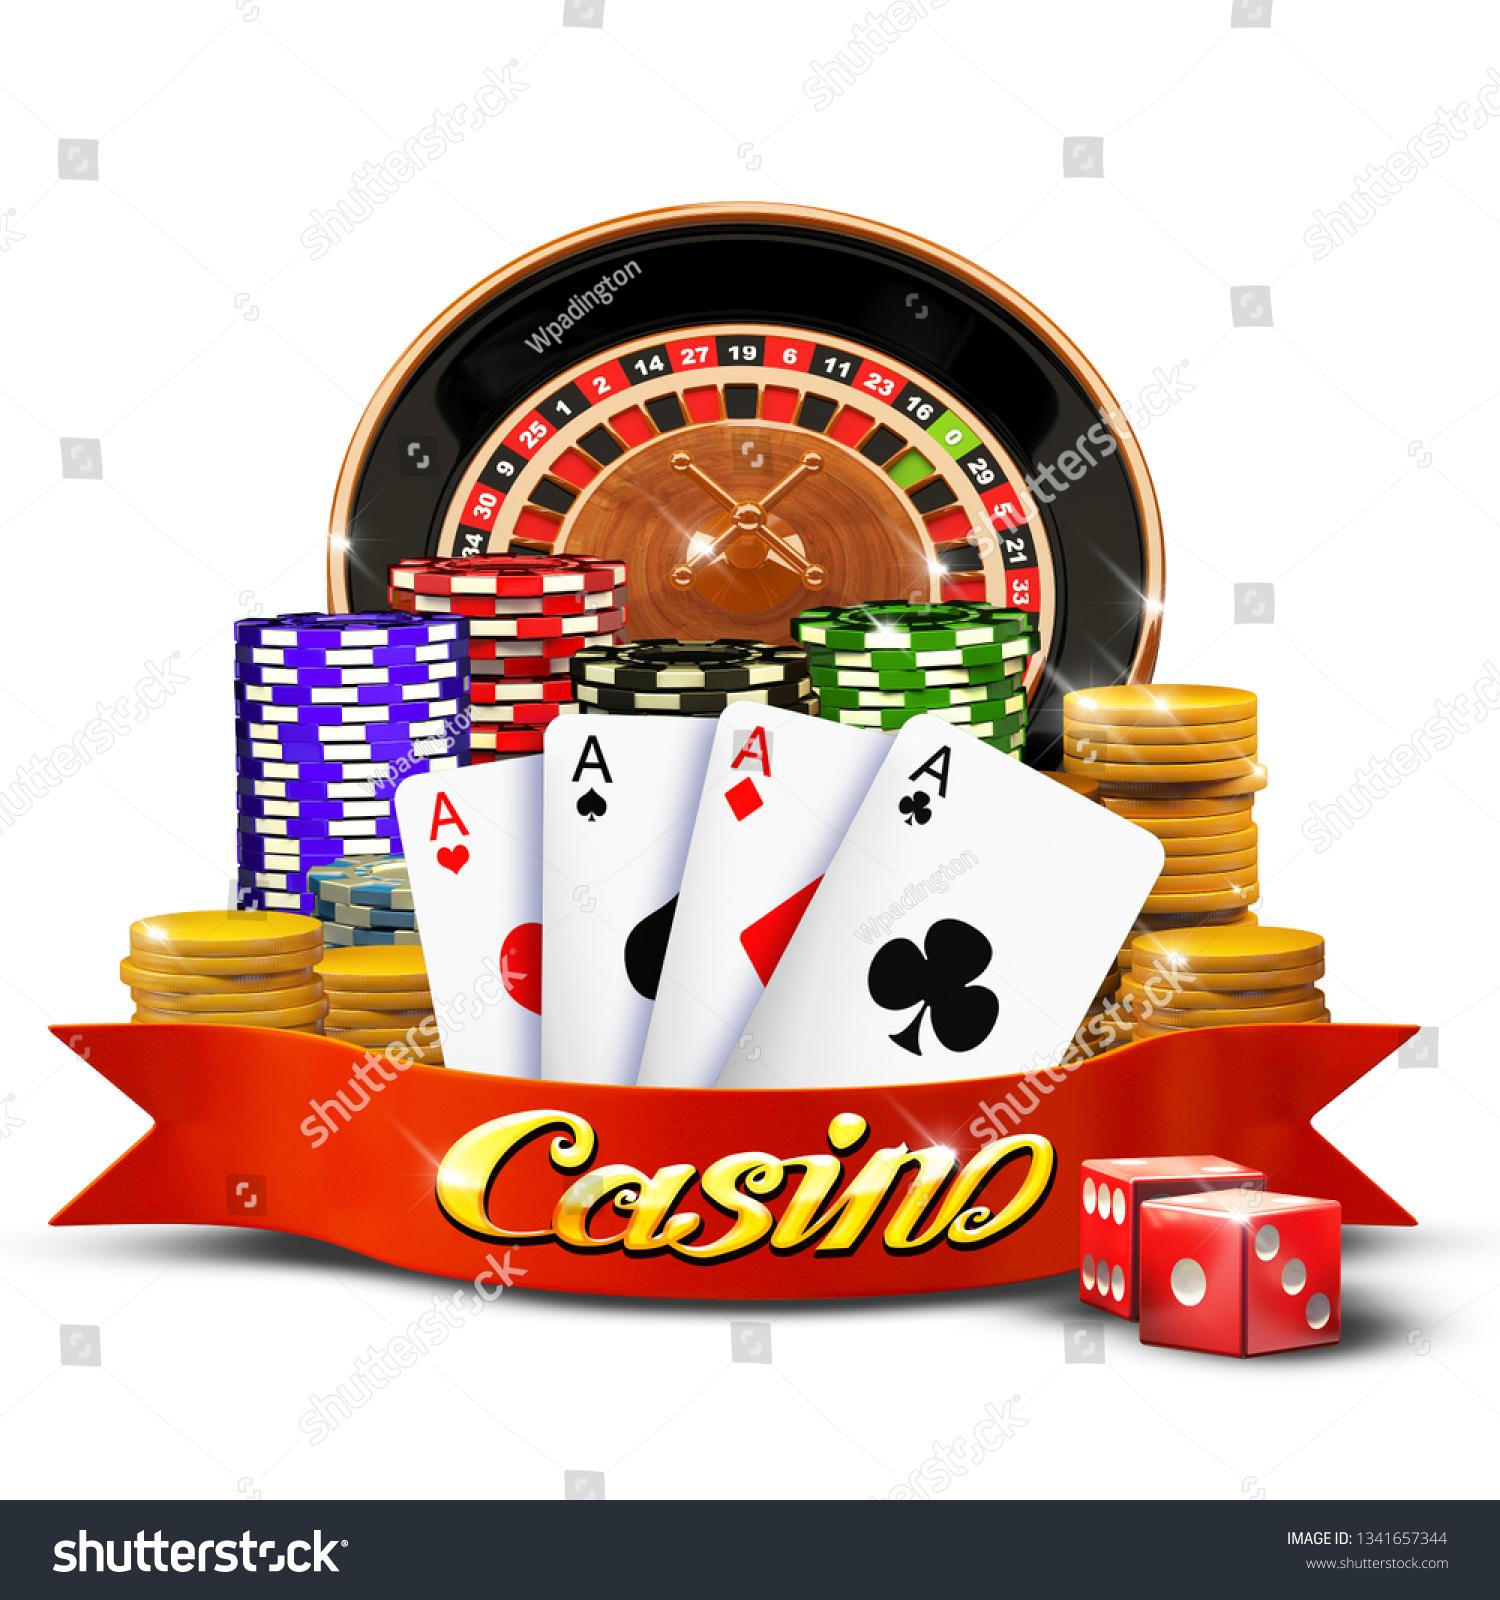 Casino online application всплывают окна казино